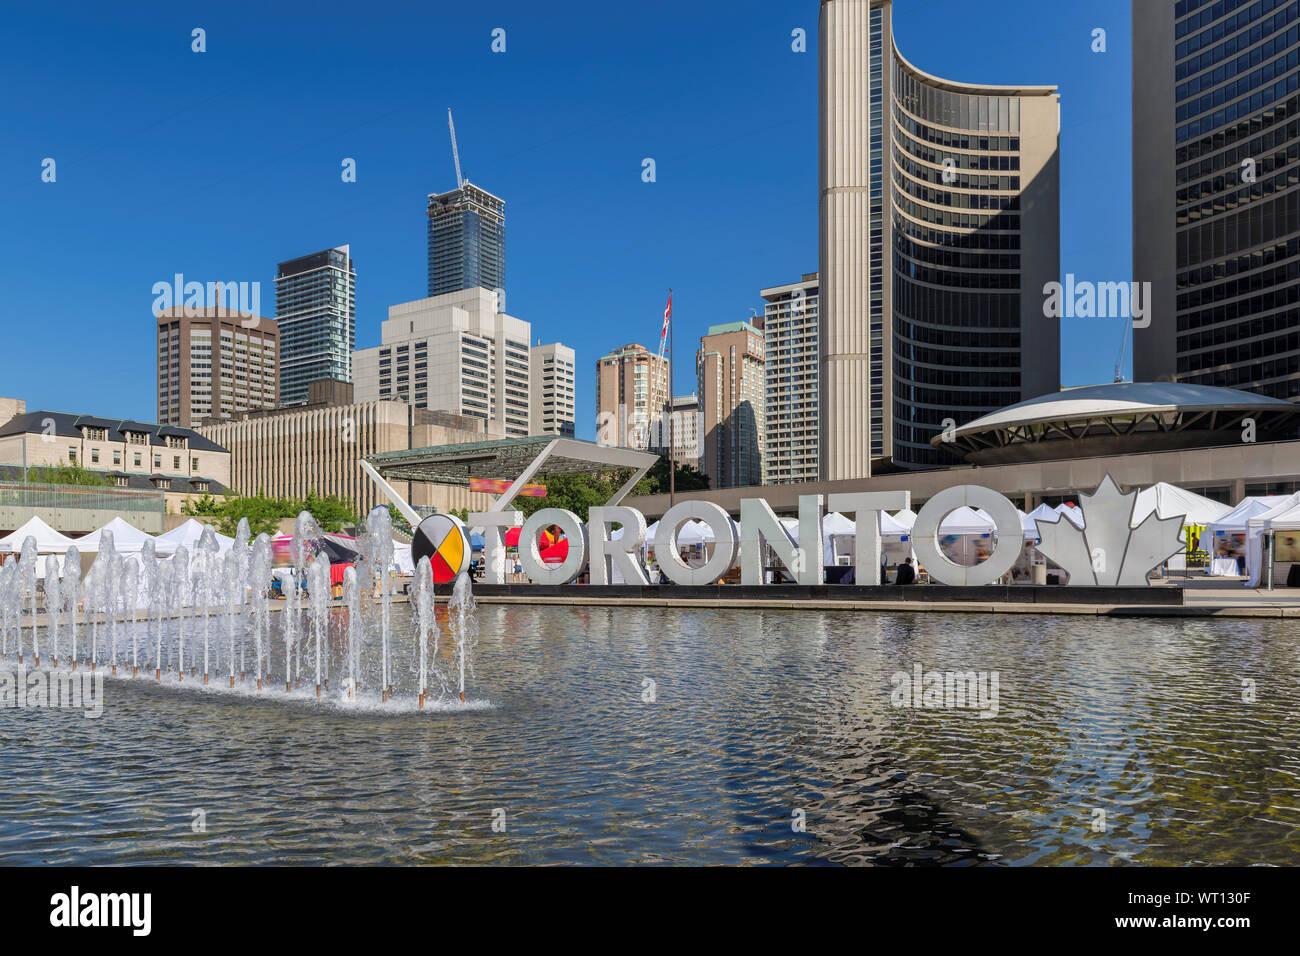 Signe de Toronto et l'Hôtel de Ville de Toronto au Nathan Phillips Square aux beaux jours de l'été, Canada. Banque D'Images